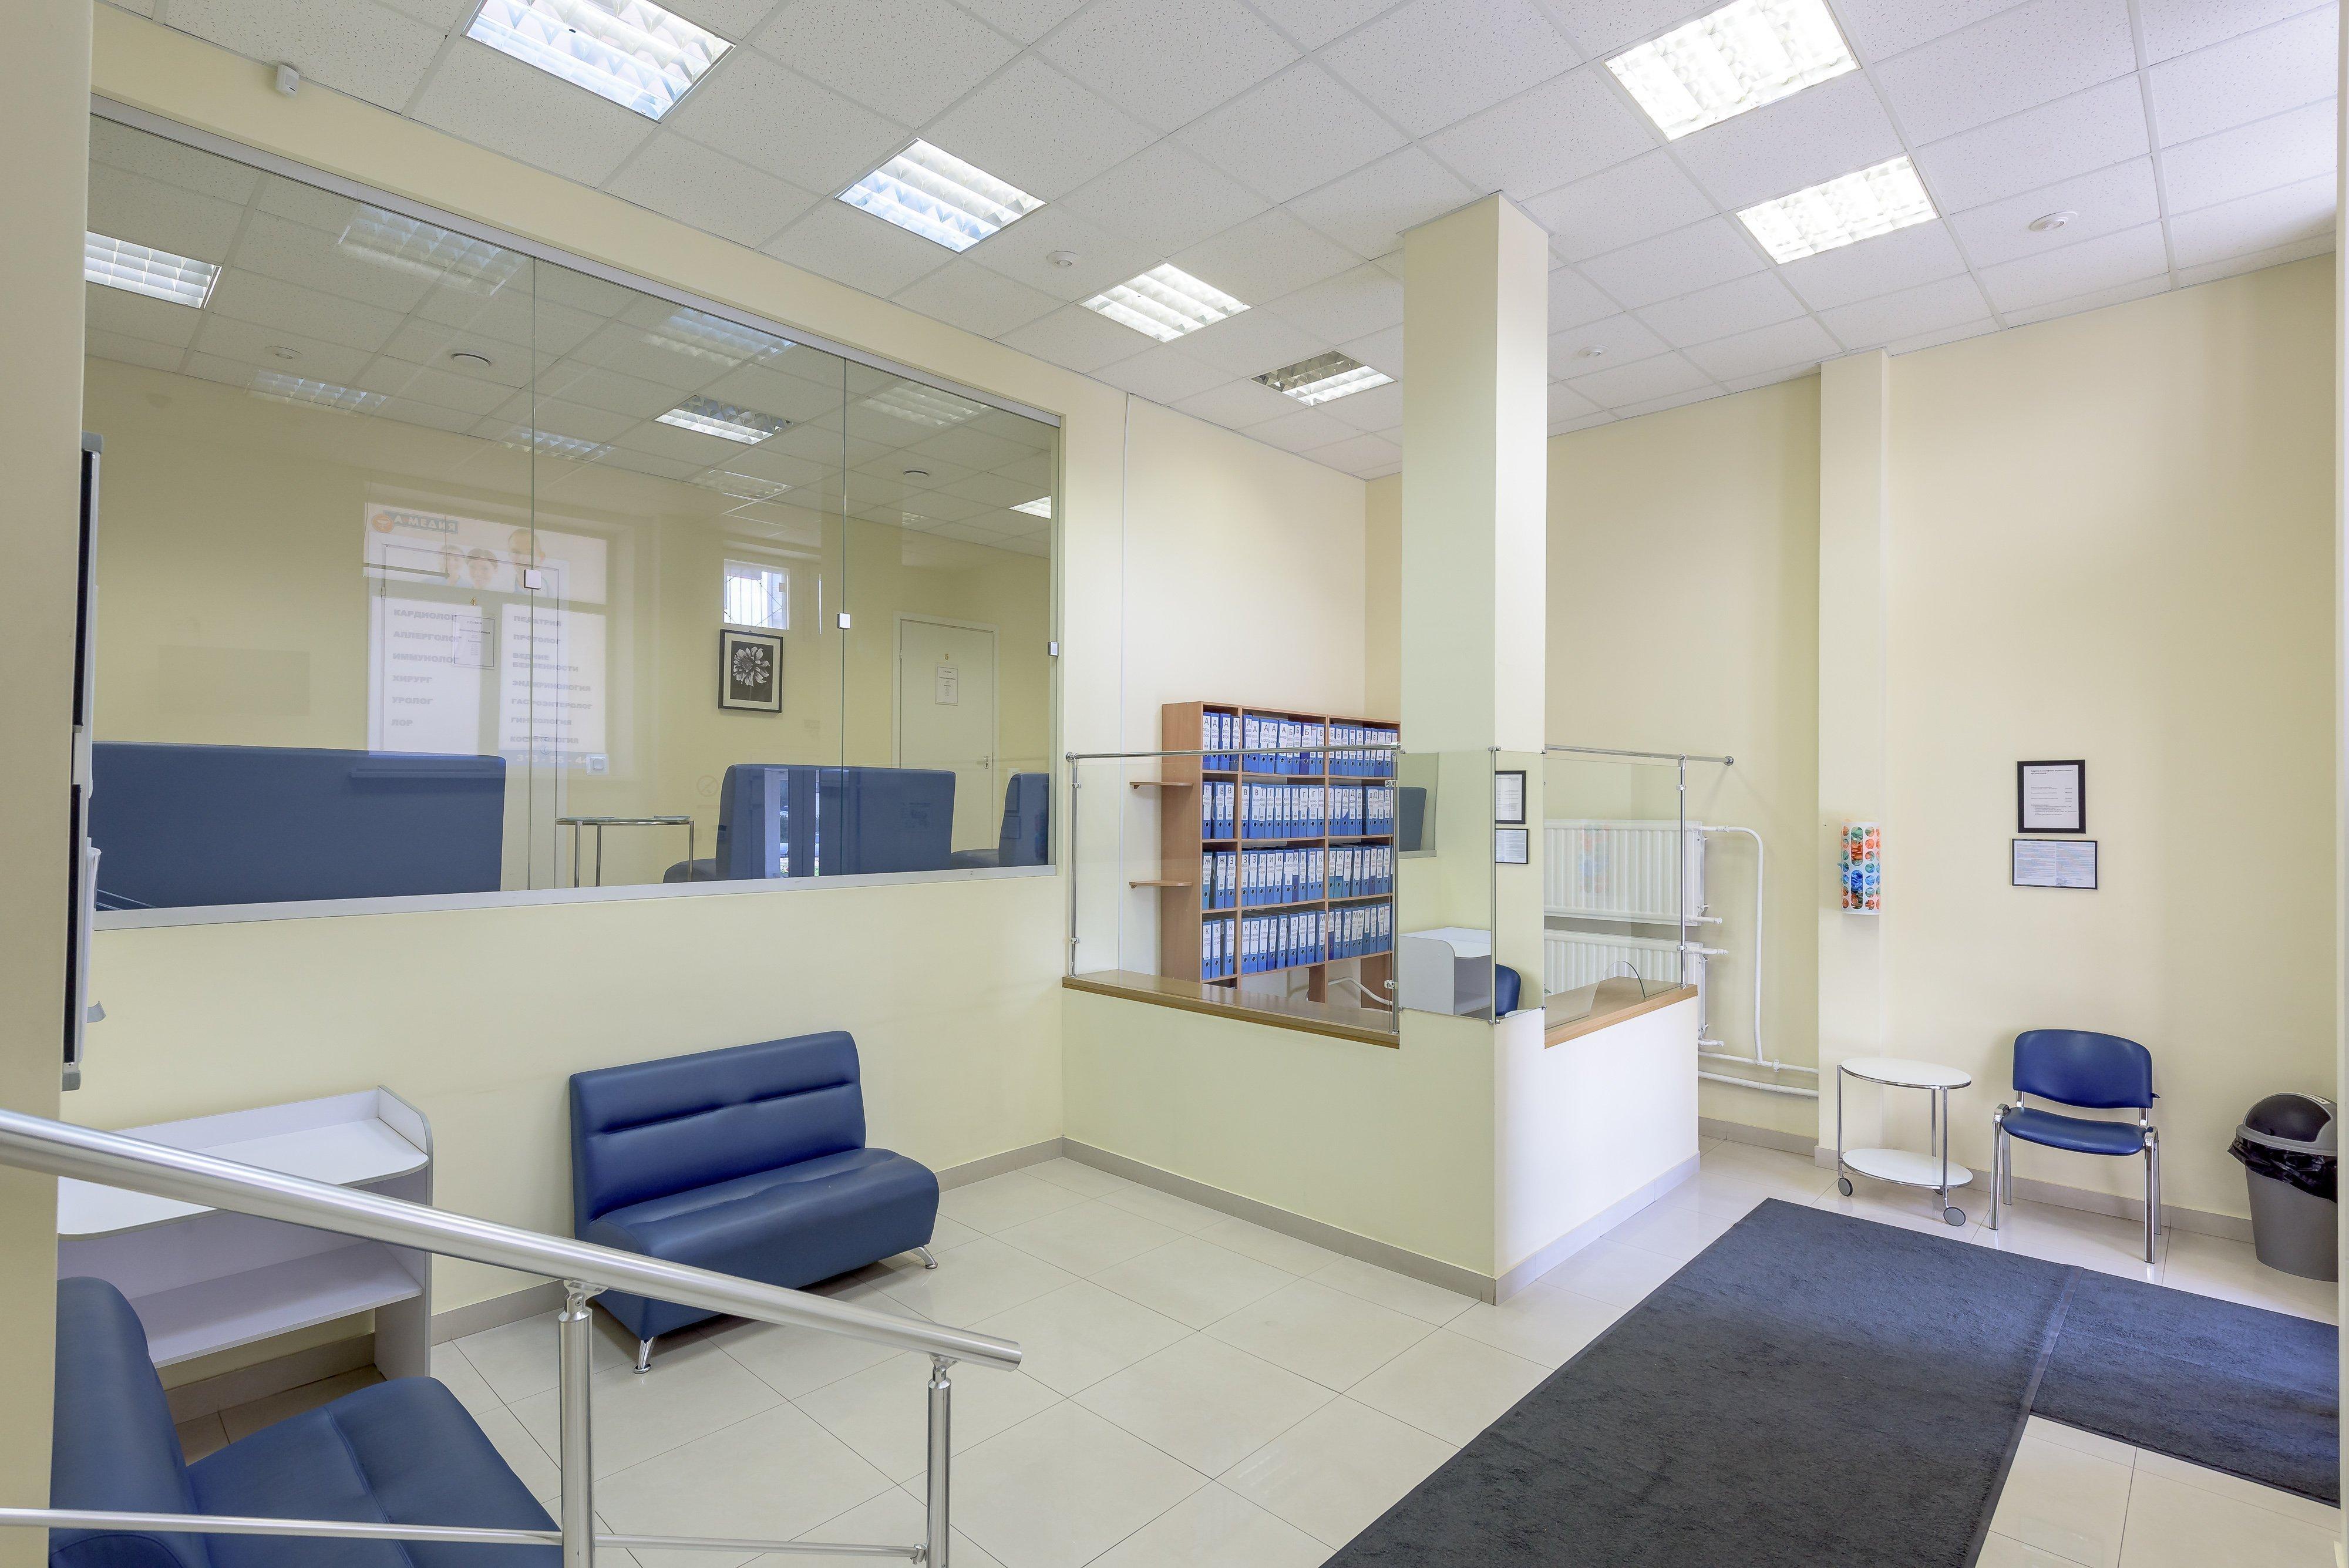 Частная клиника ортопедии в пушкине официальный сайт дизайн и создание сайтов, создание бре